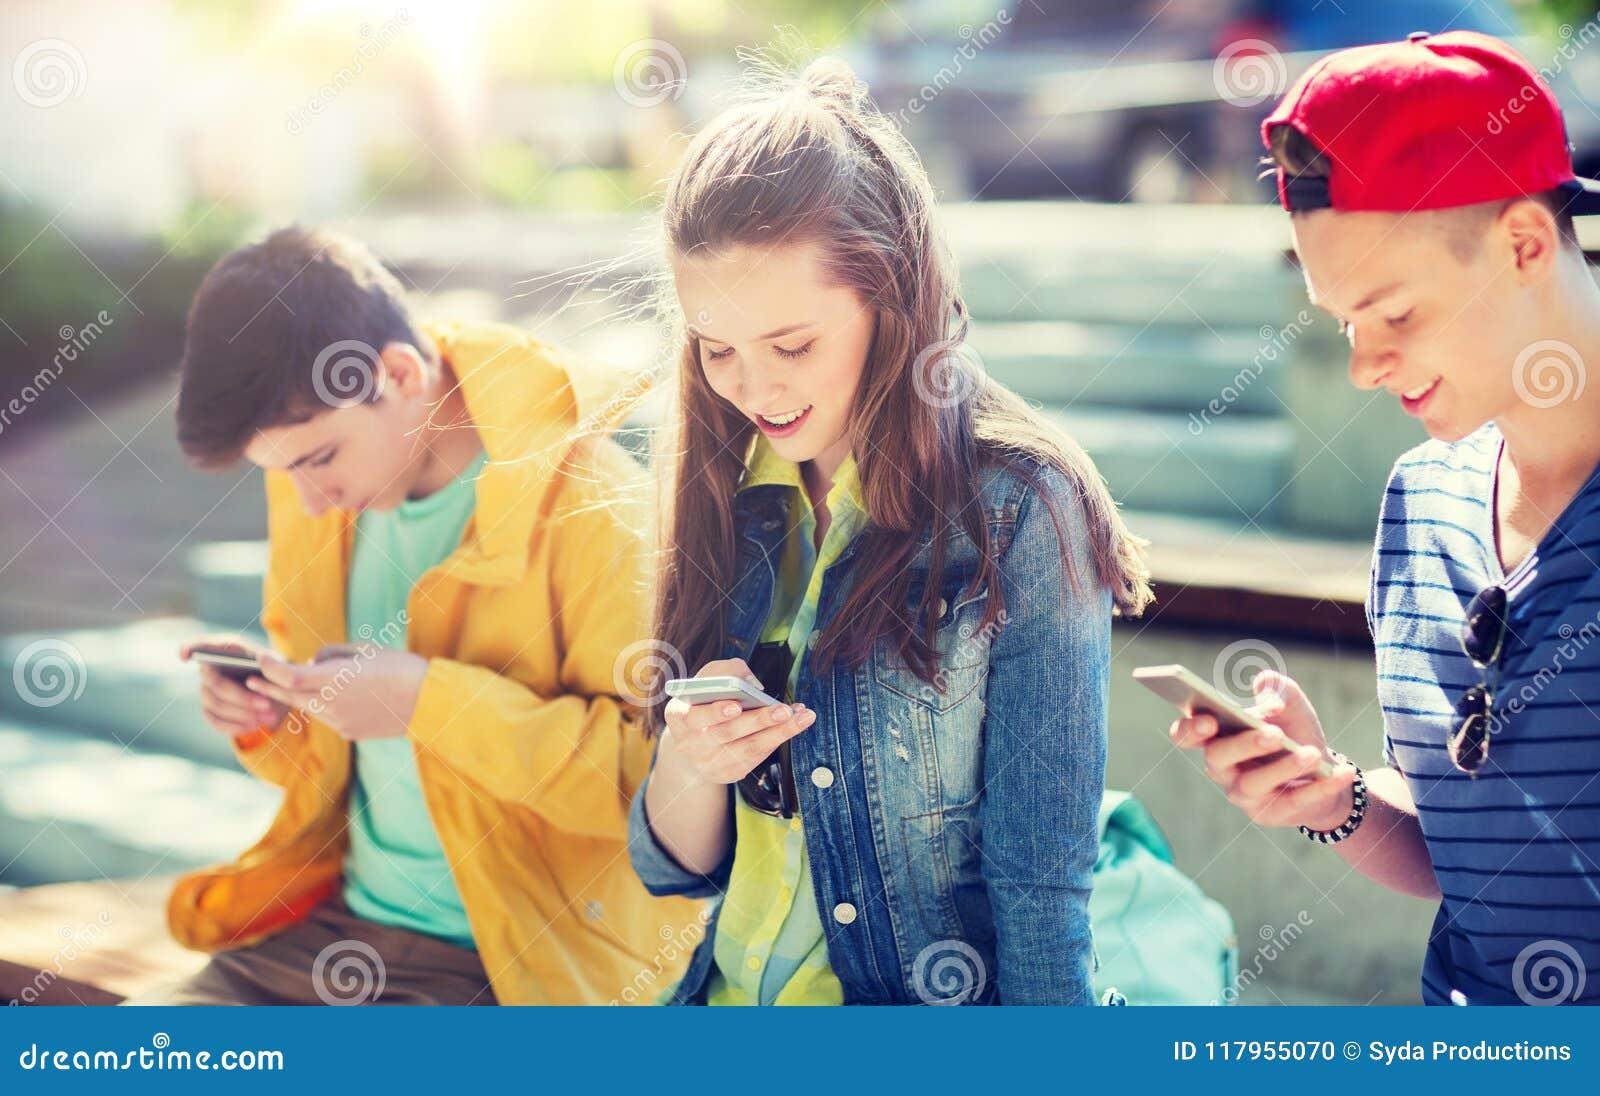 Glückliche Jugendfreunde mit Smartphones draußen